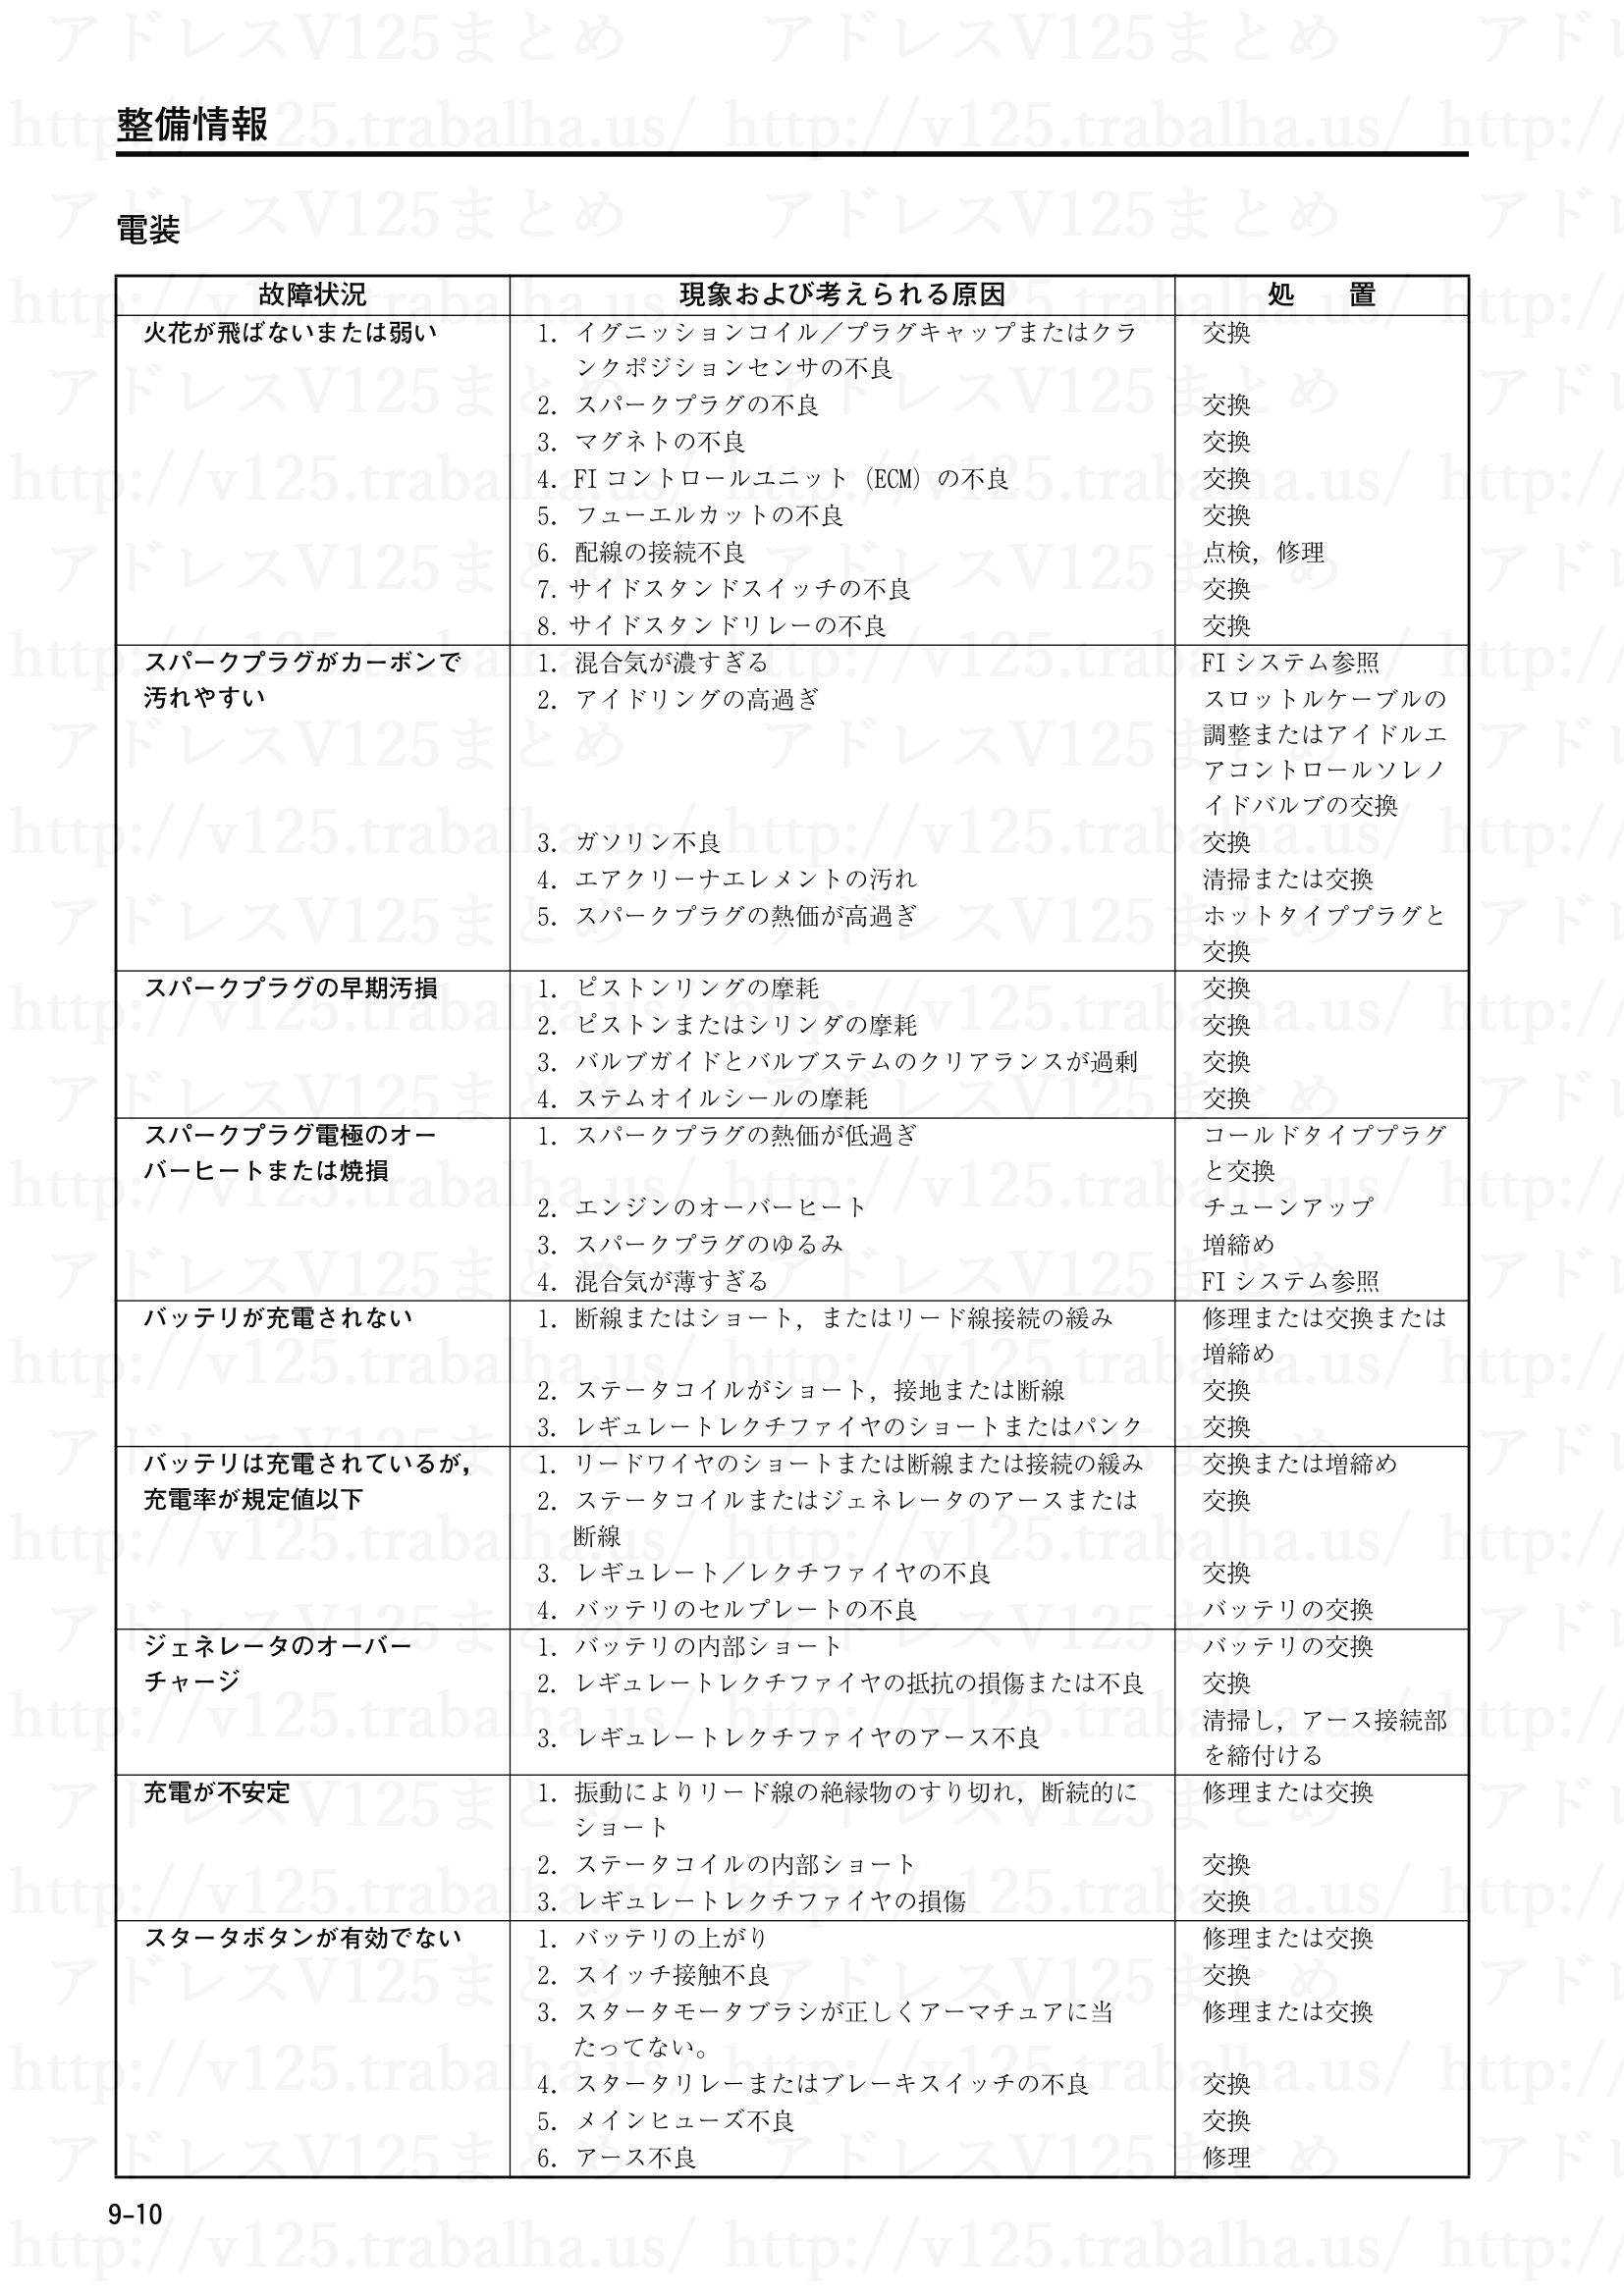 9-10【整備情報】火花が飛ばないまたは弱い